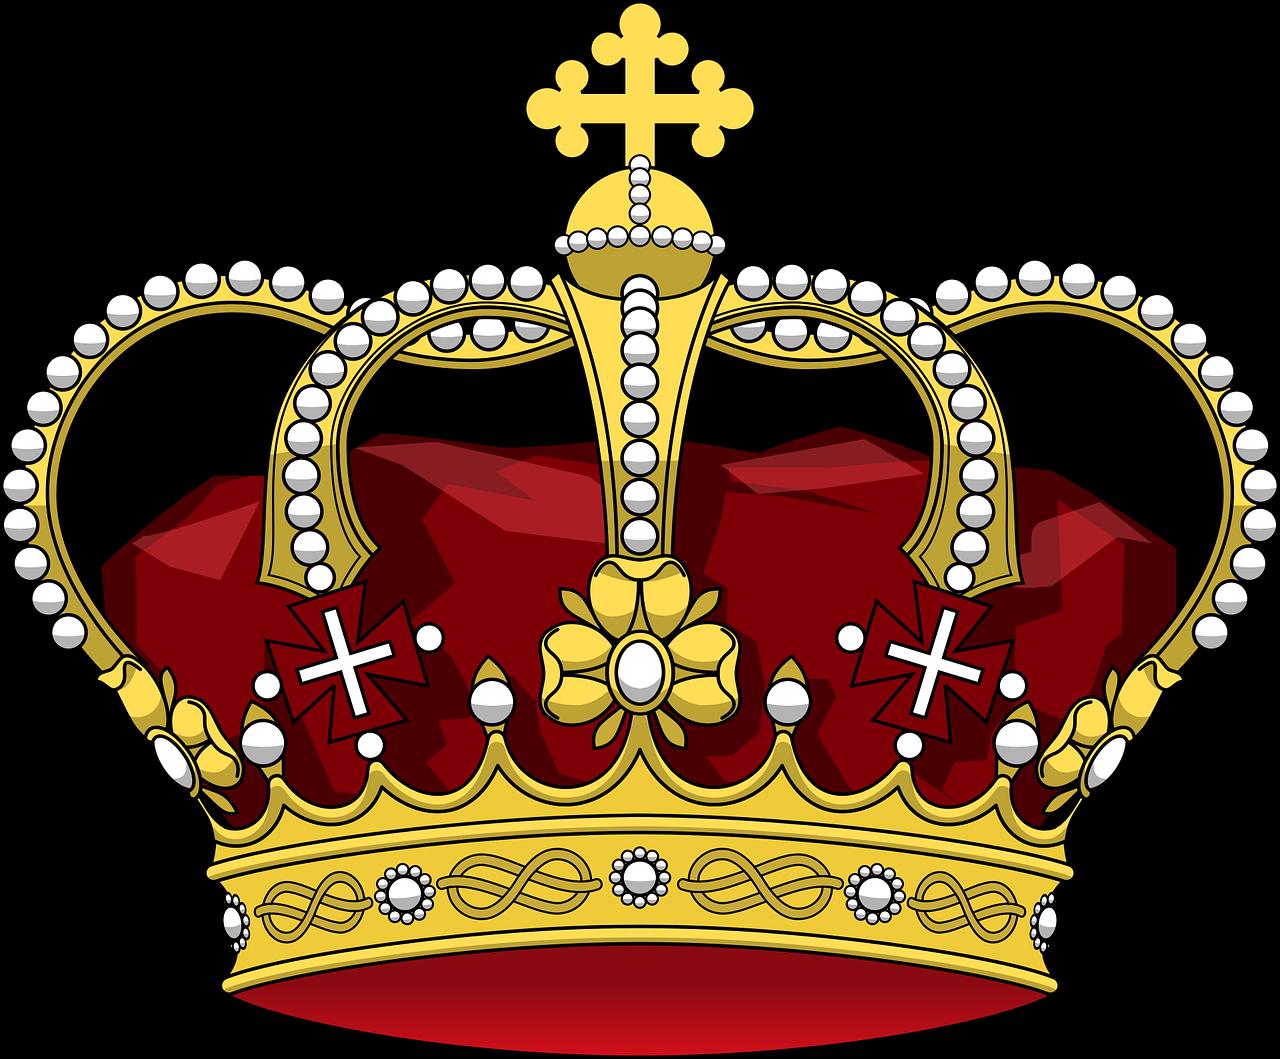 Clipart crown shadow. Jewelry jewel jewellery king